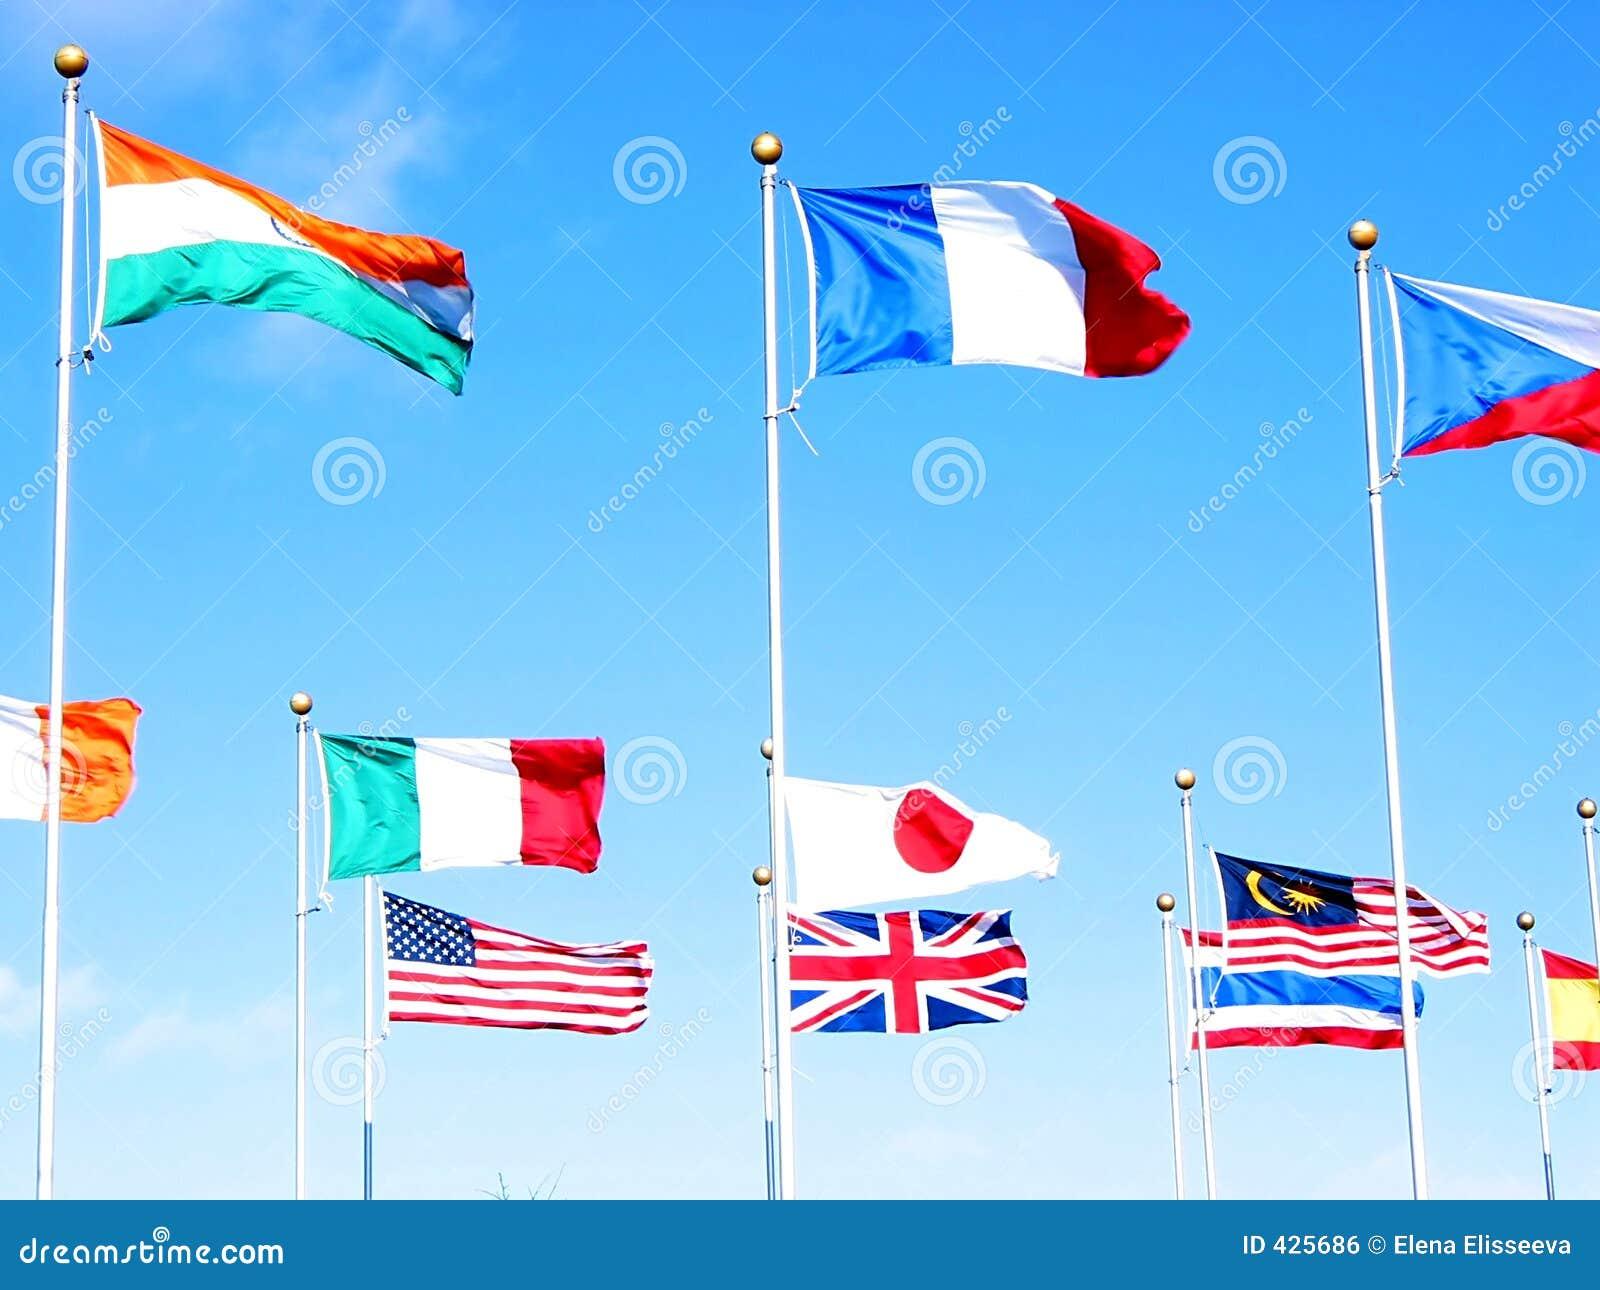 Asunto internacional 3